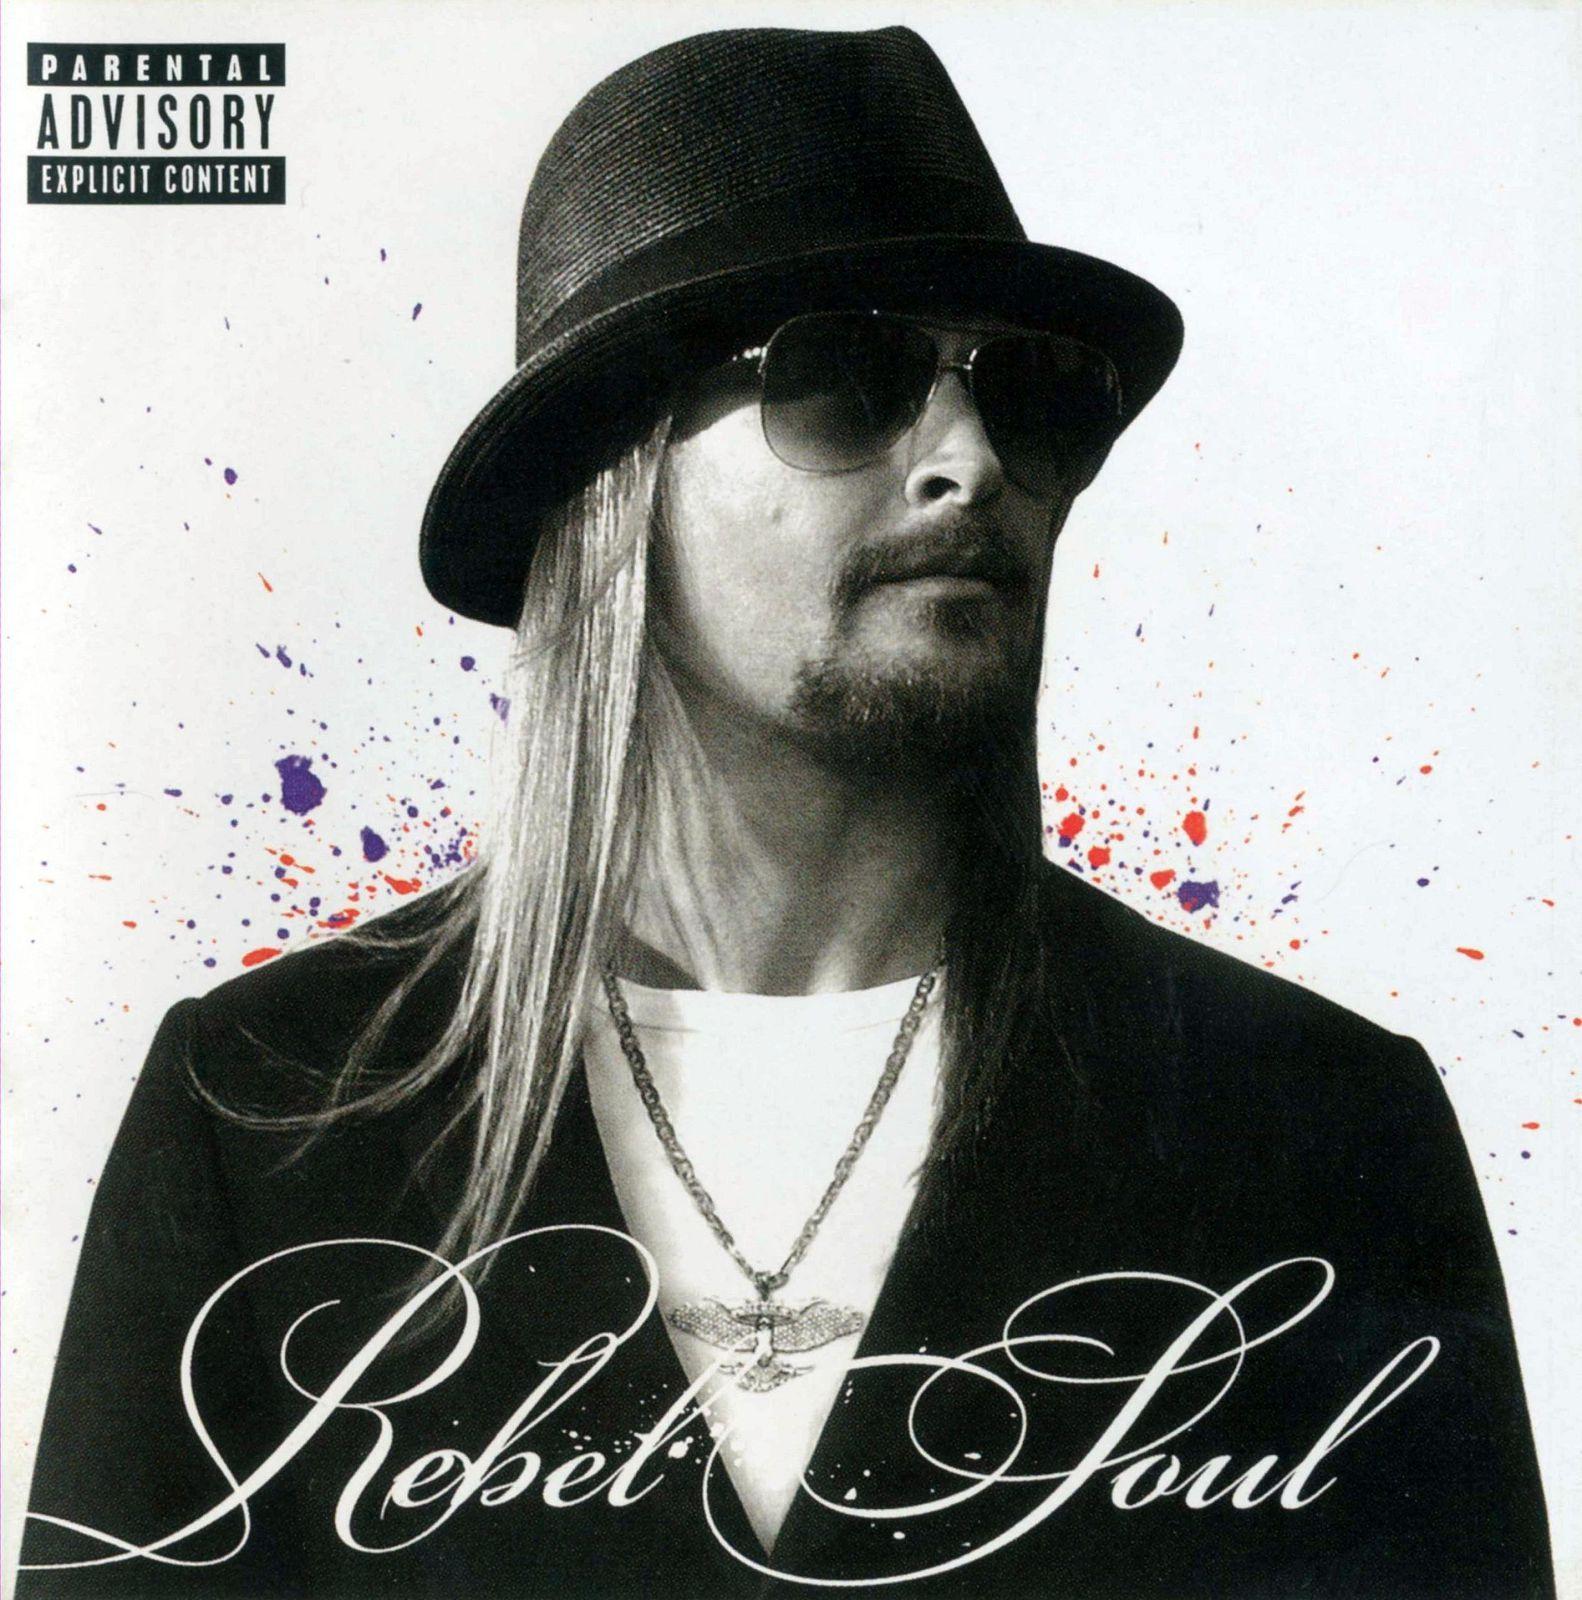 Kid Rock - Rebel Soul album cover